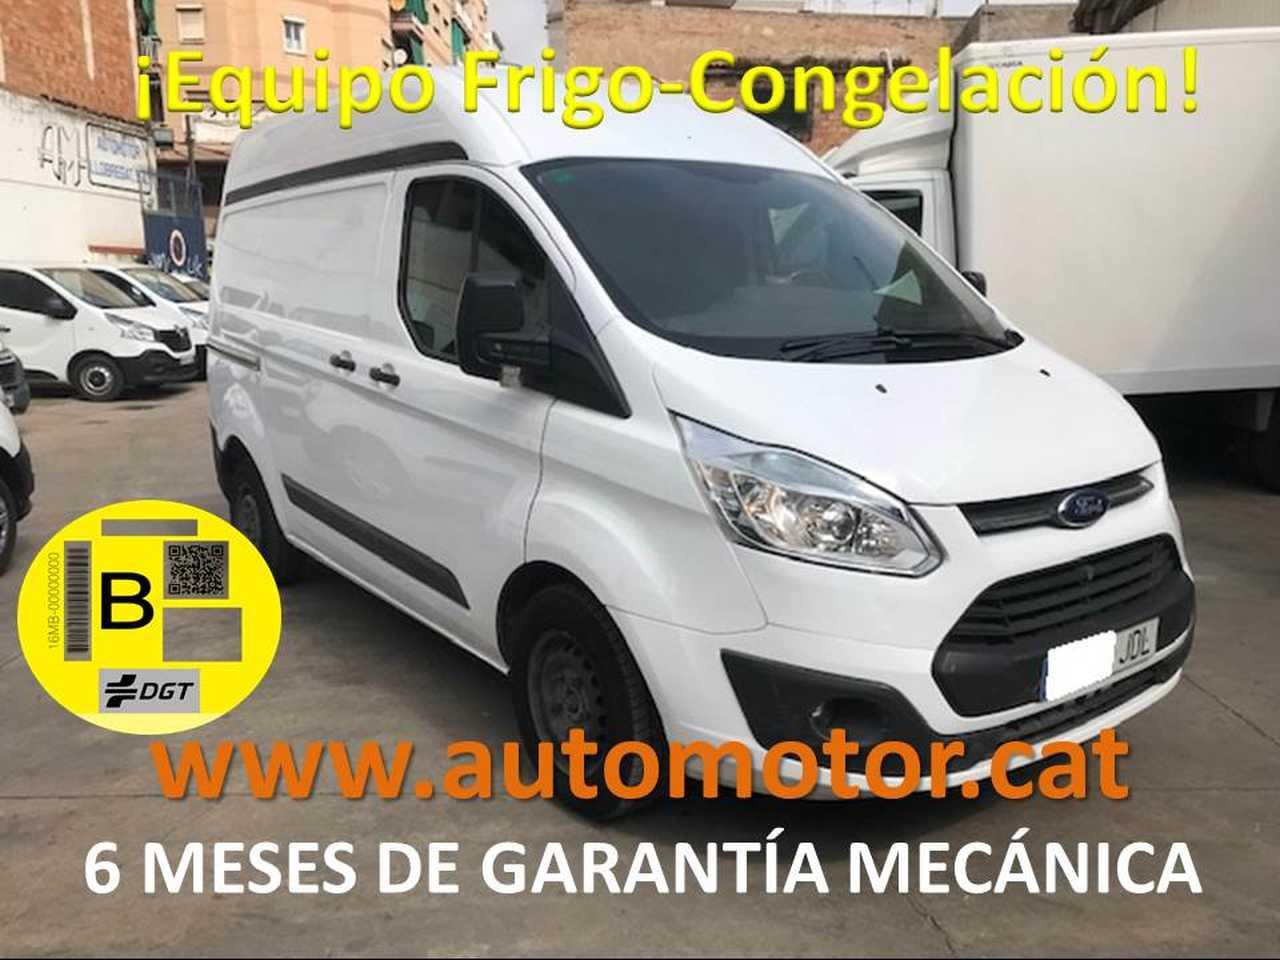 Ford Transit Custom FT 270 L1 Van Trend 125 CONGELACION - GARANTIA MECANICA  - Foto 1